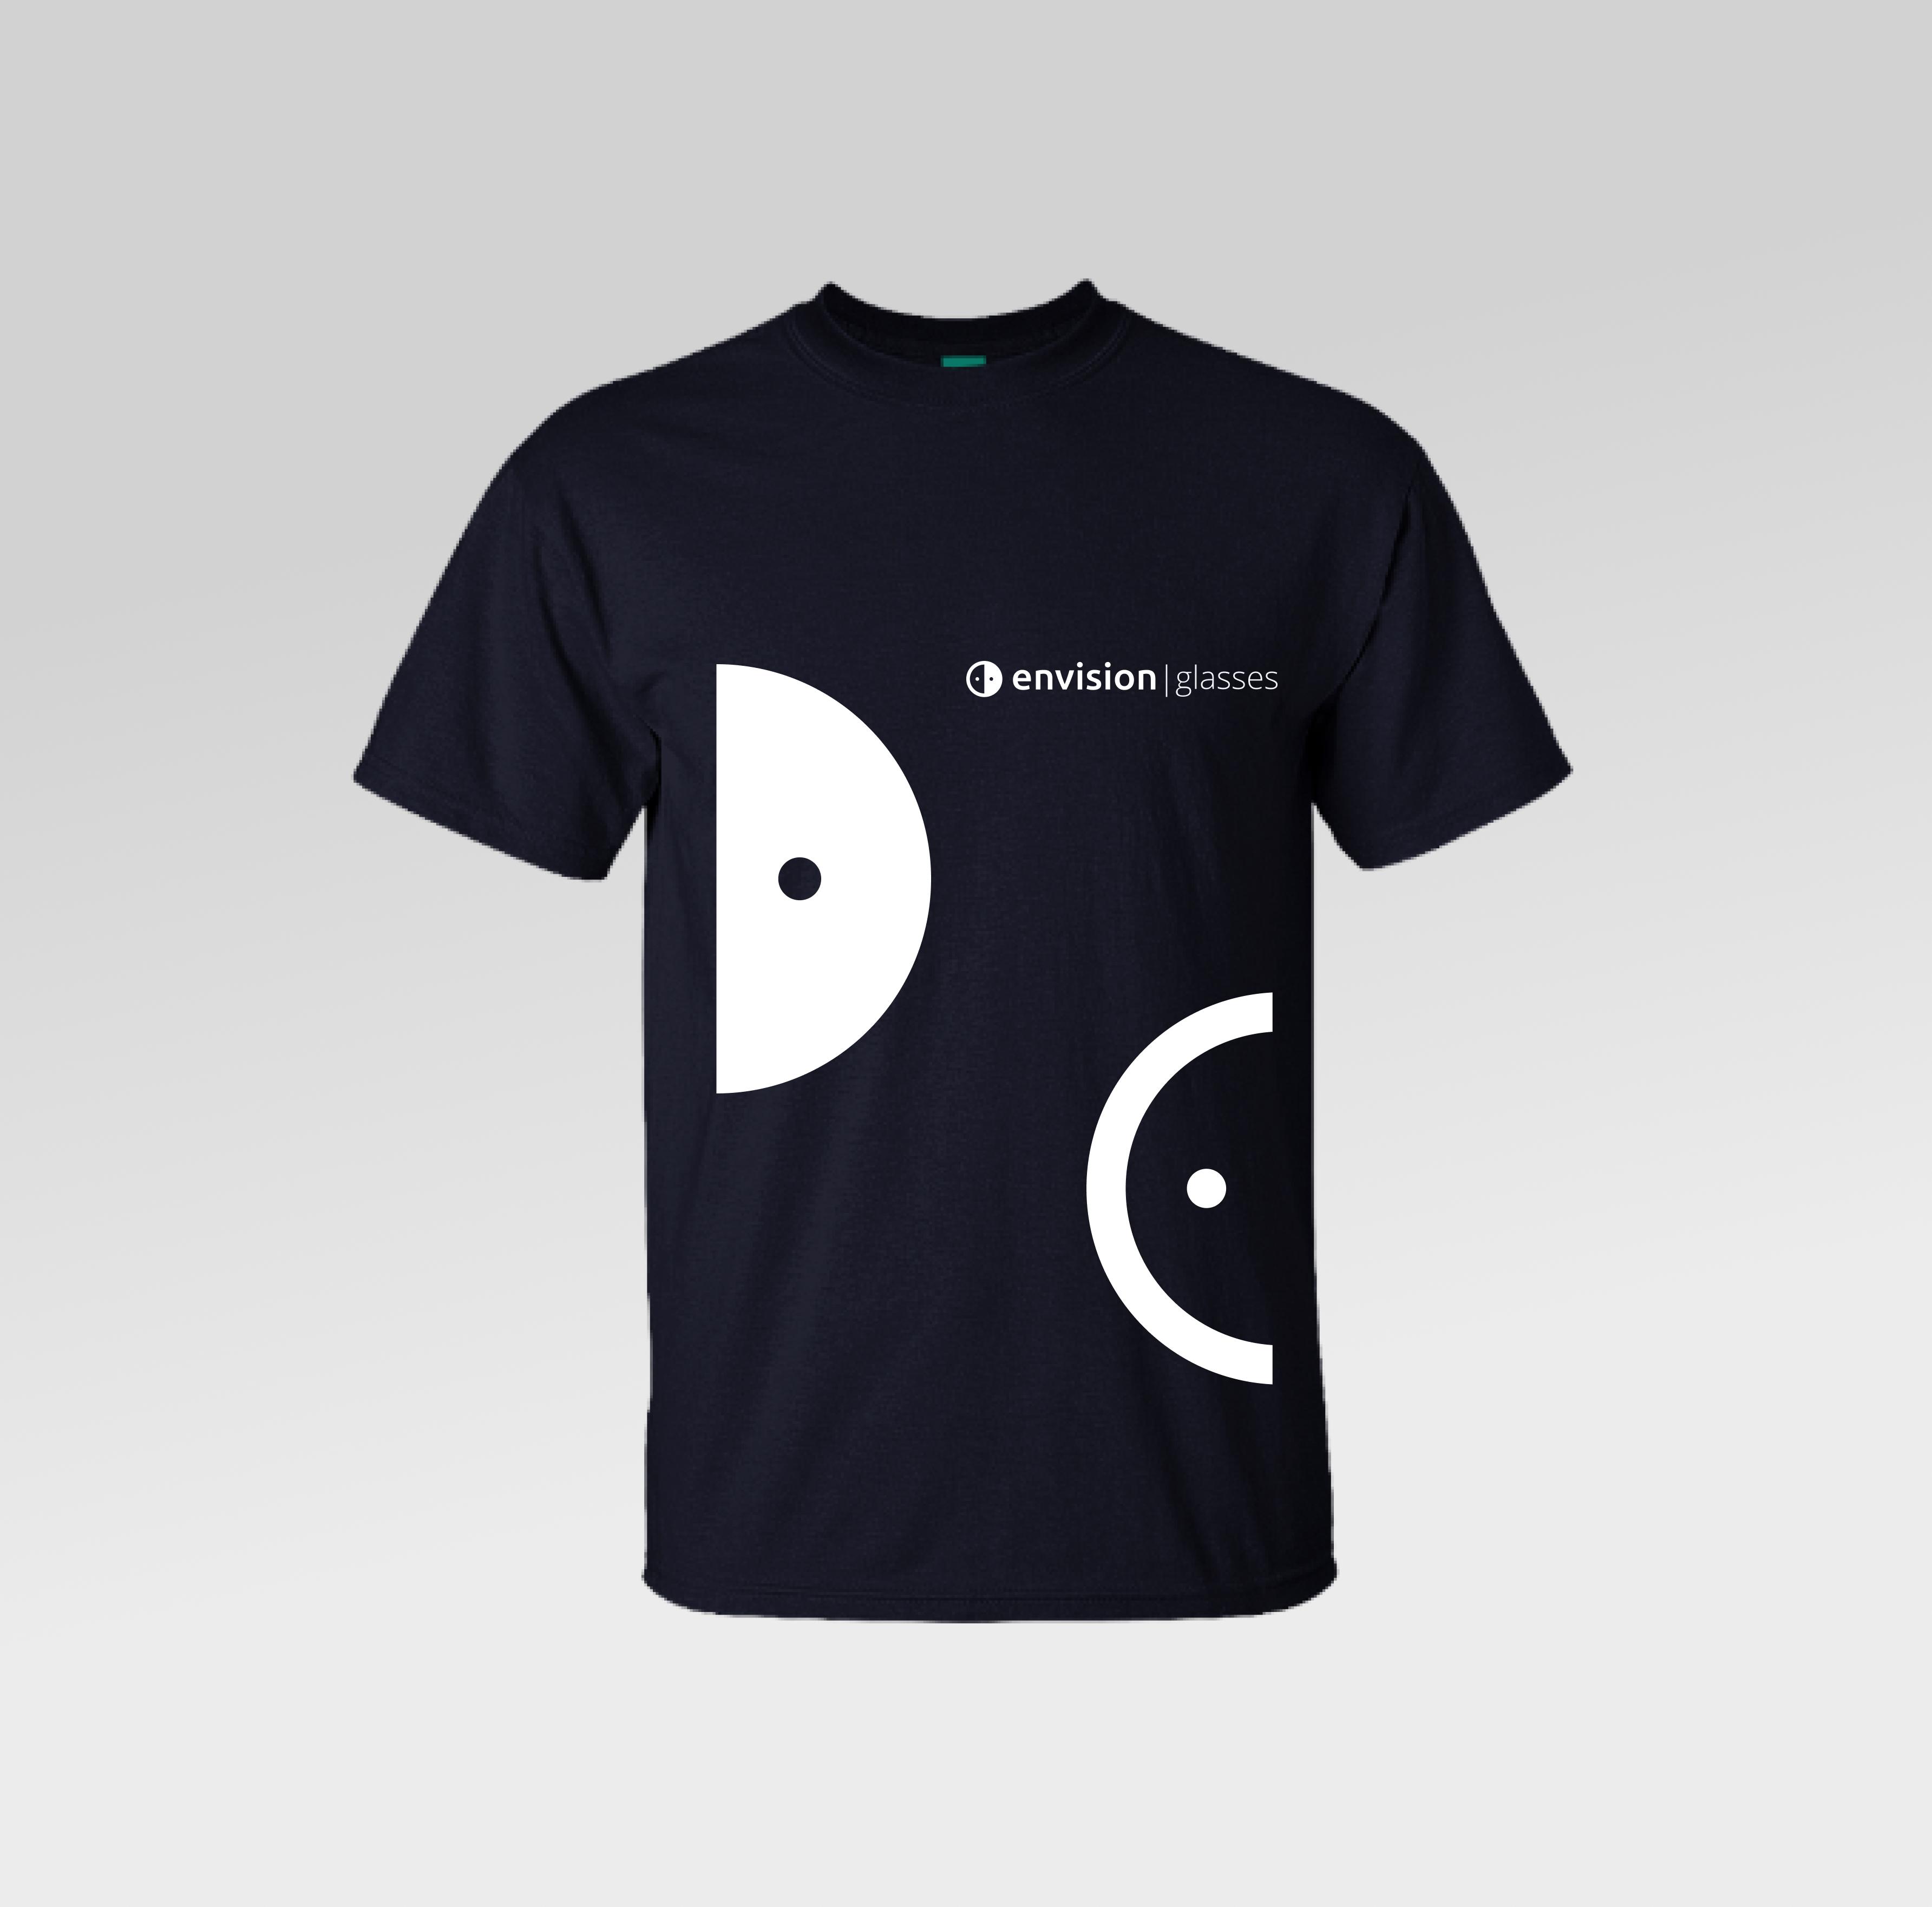 Get a Supporter T-Shirt